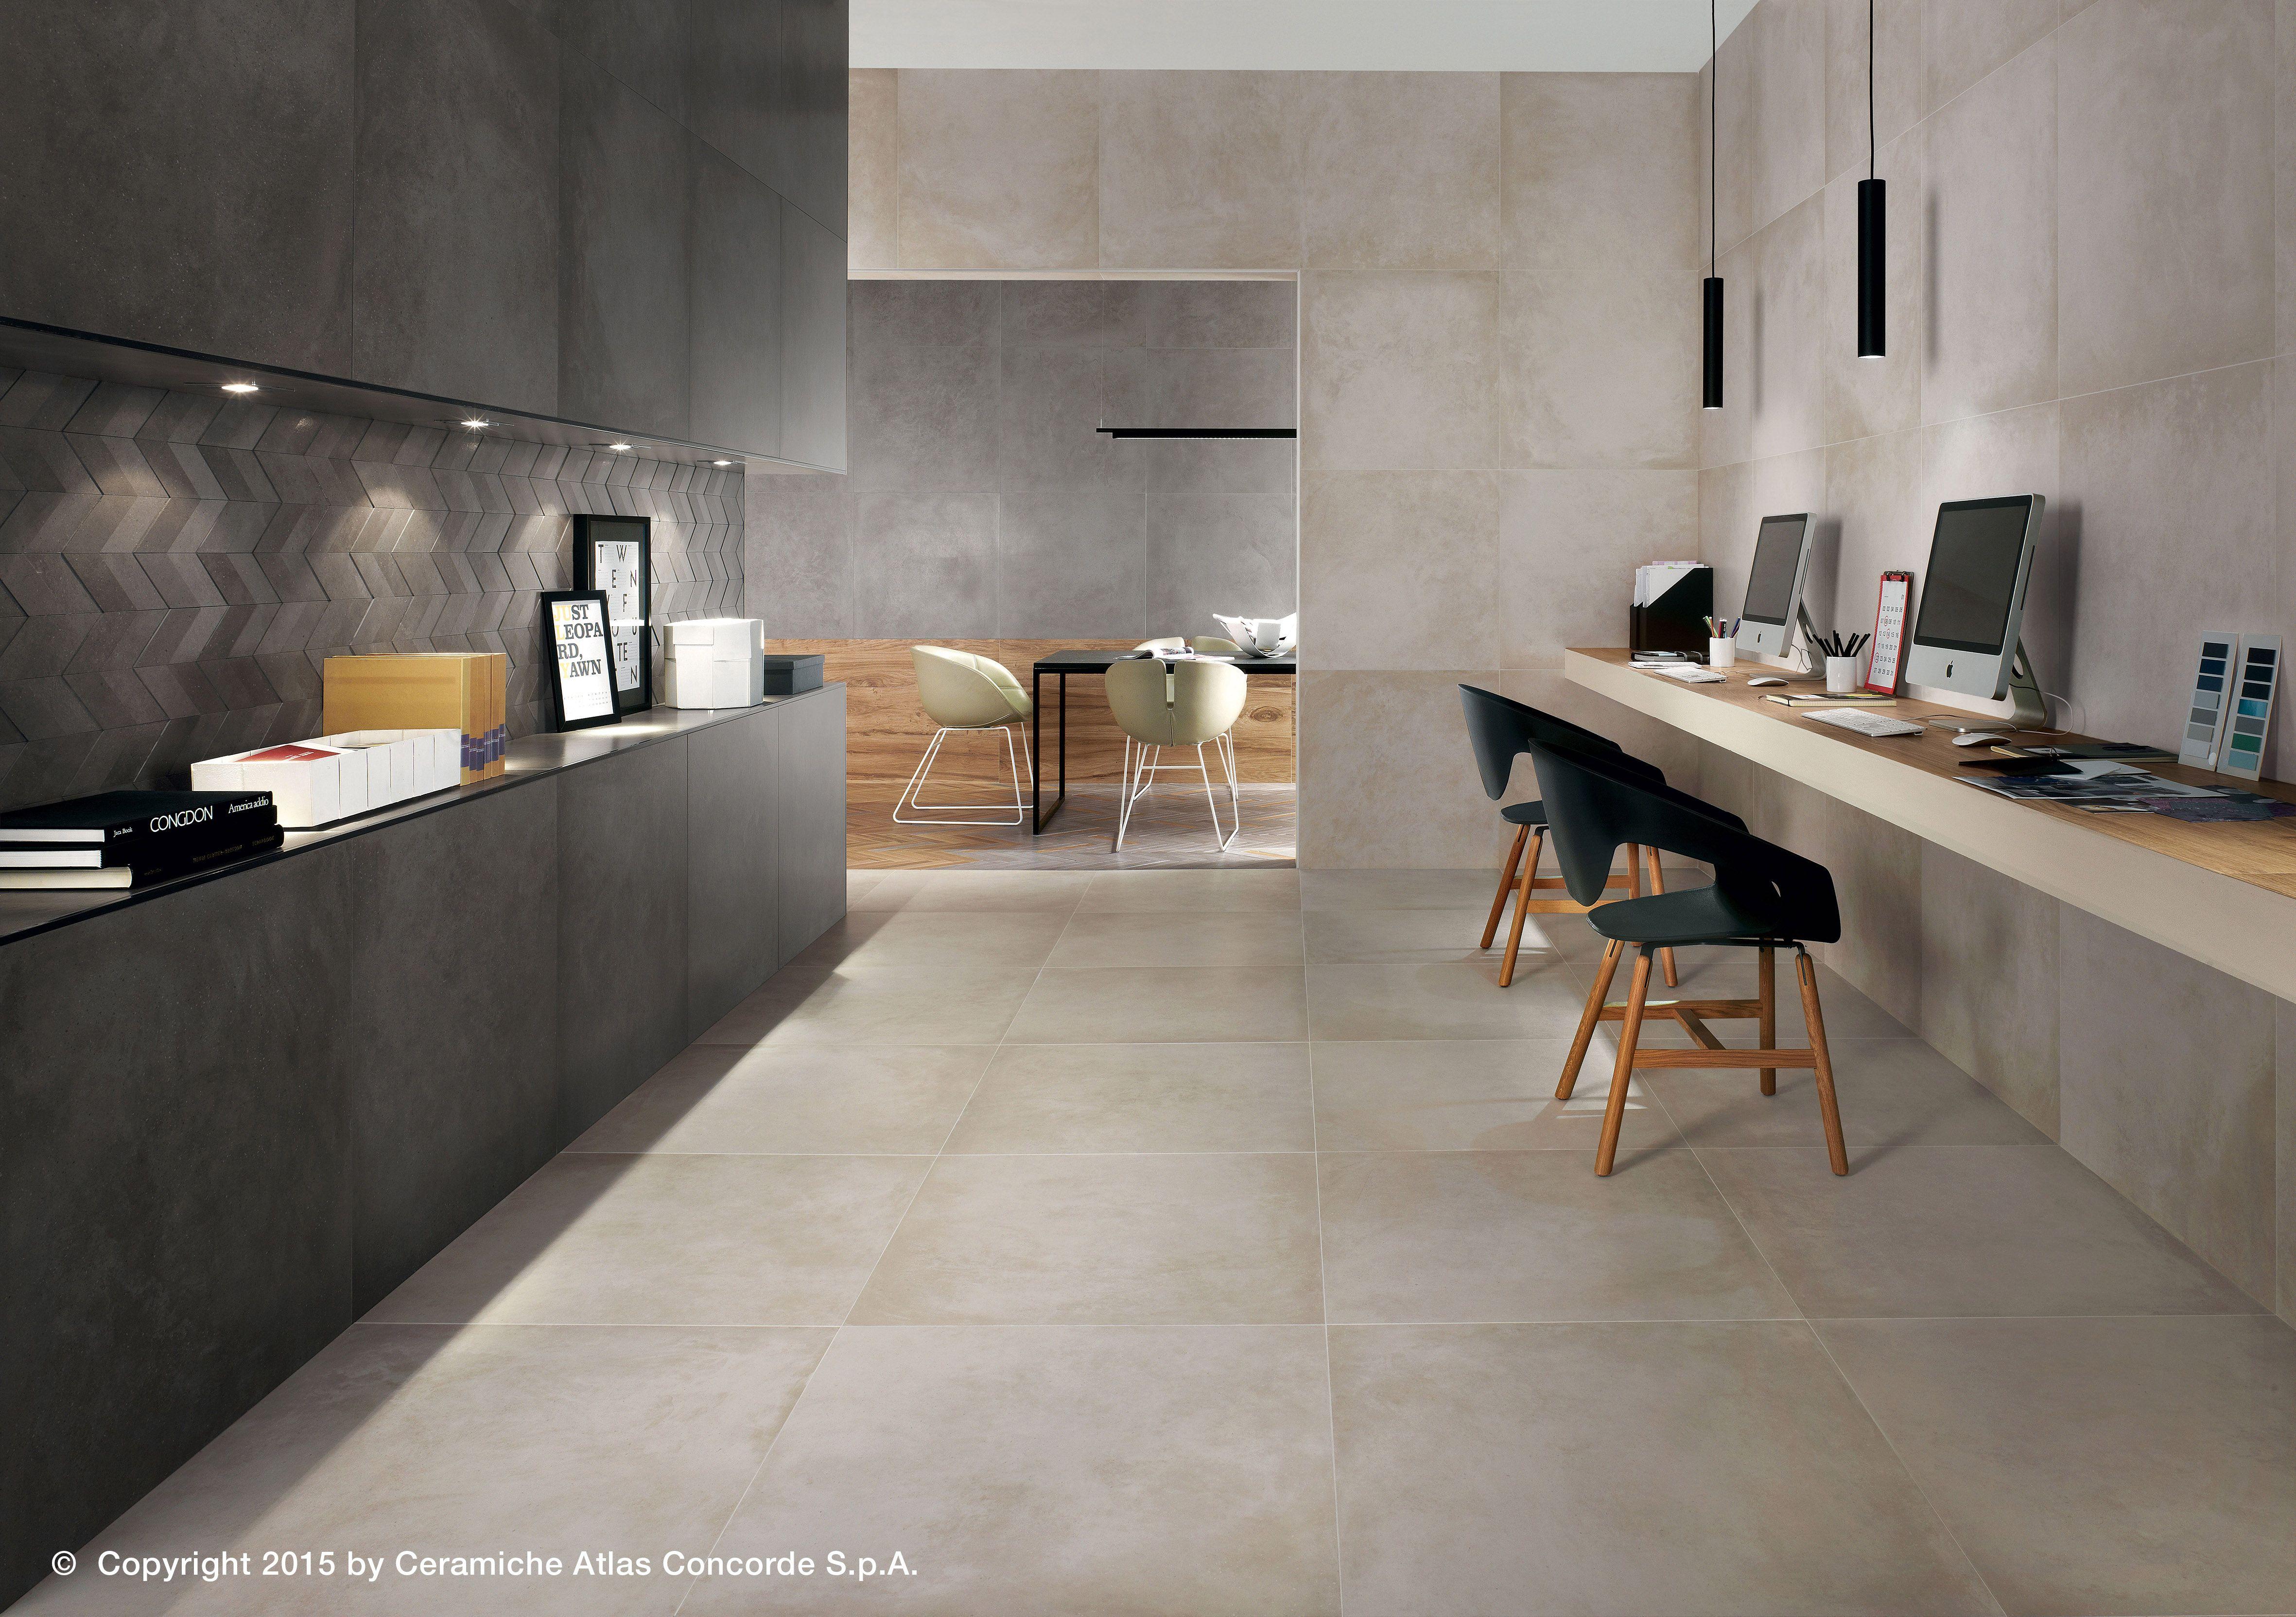 Pavimento in gres porcellanato effetto cemento dwell floor design